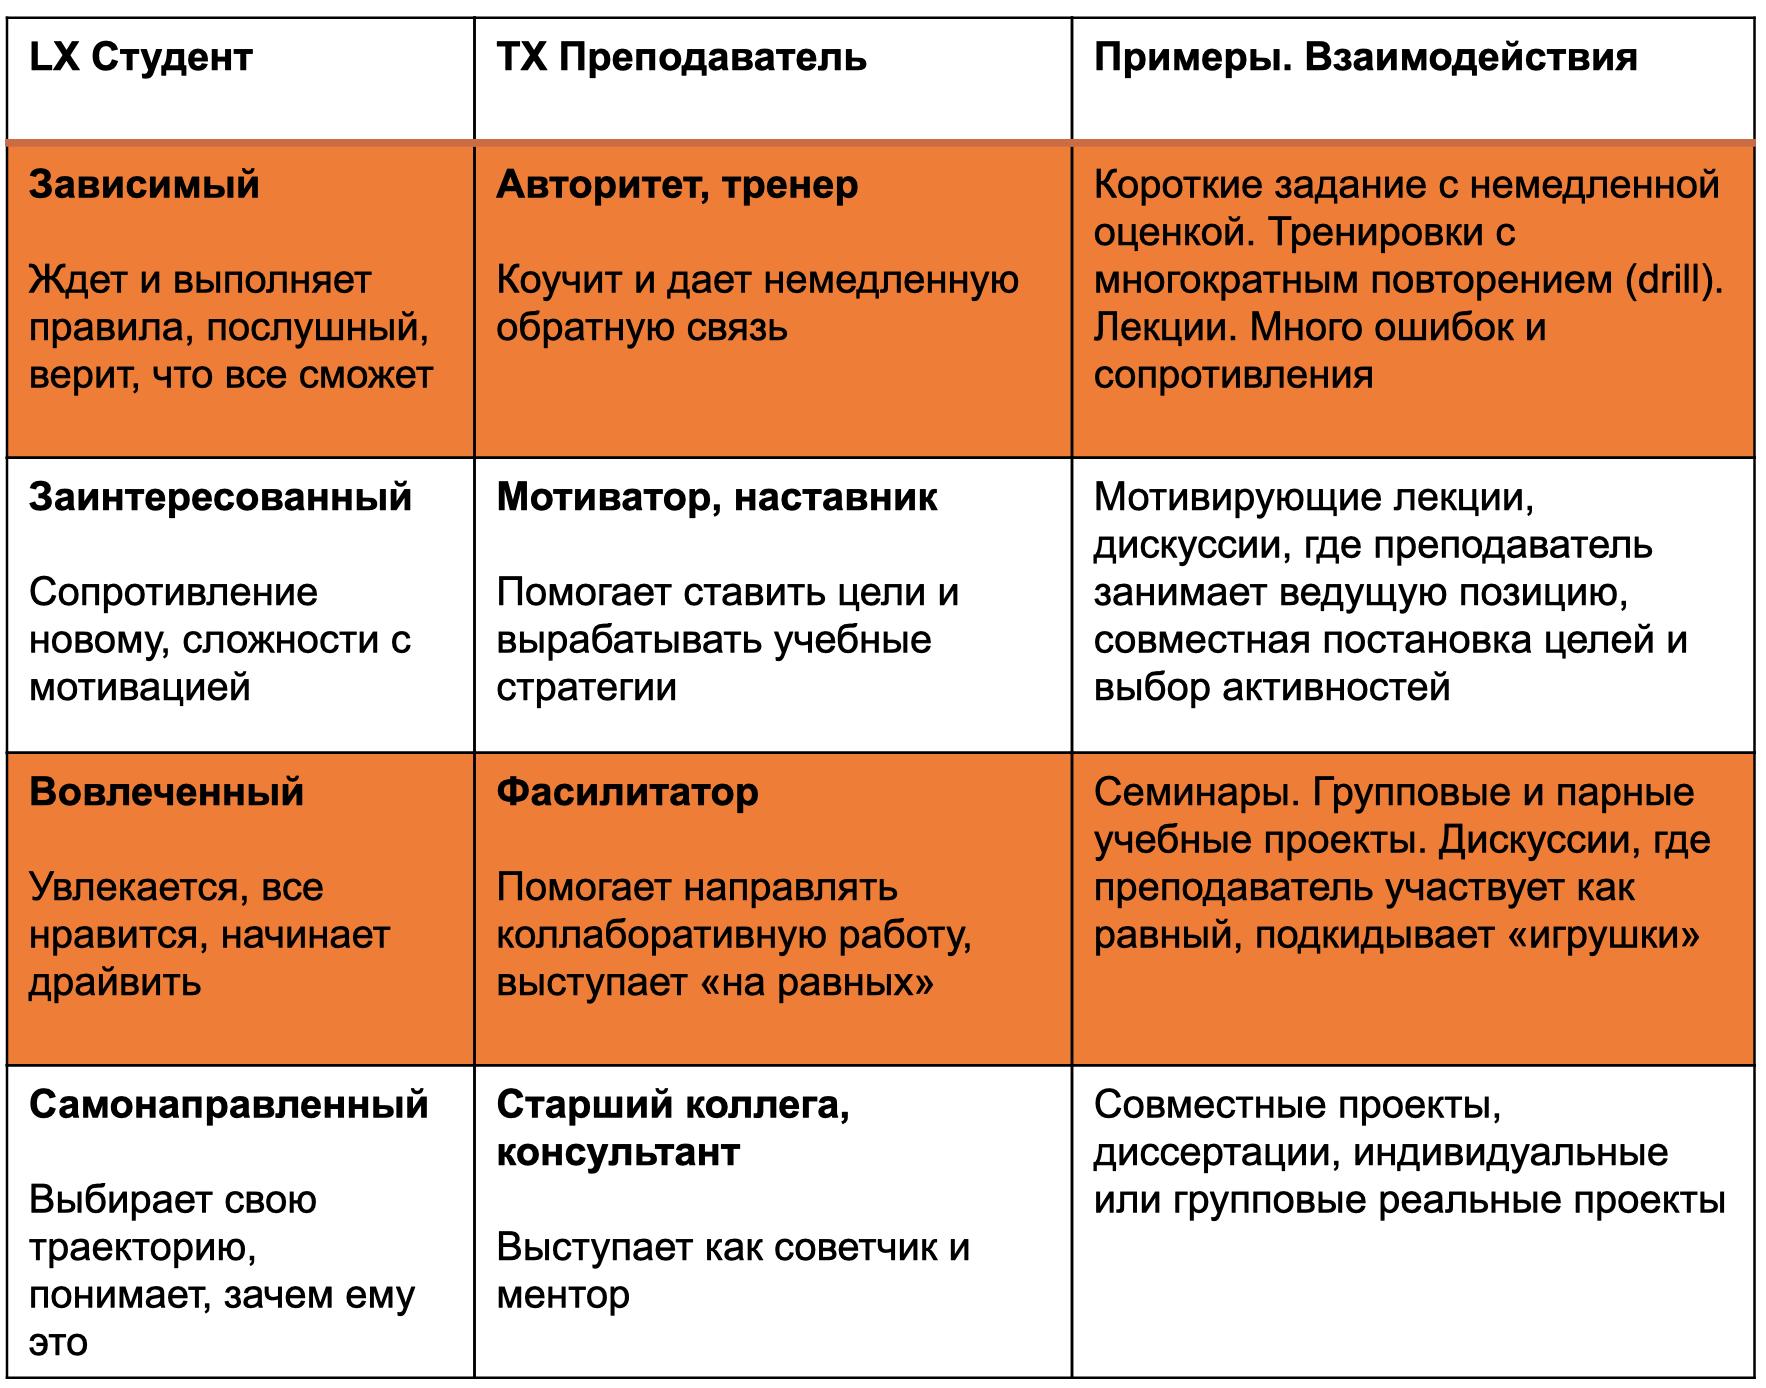 Снимок_экрана_2020_06_02_в_12.13.50-73510-3e5ef0.png